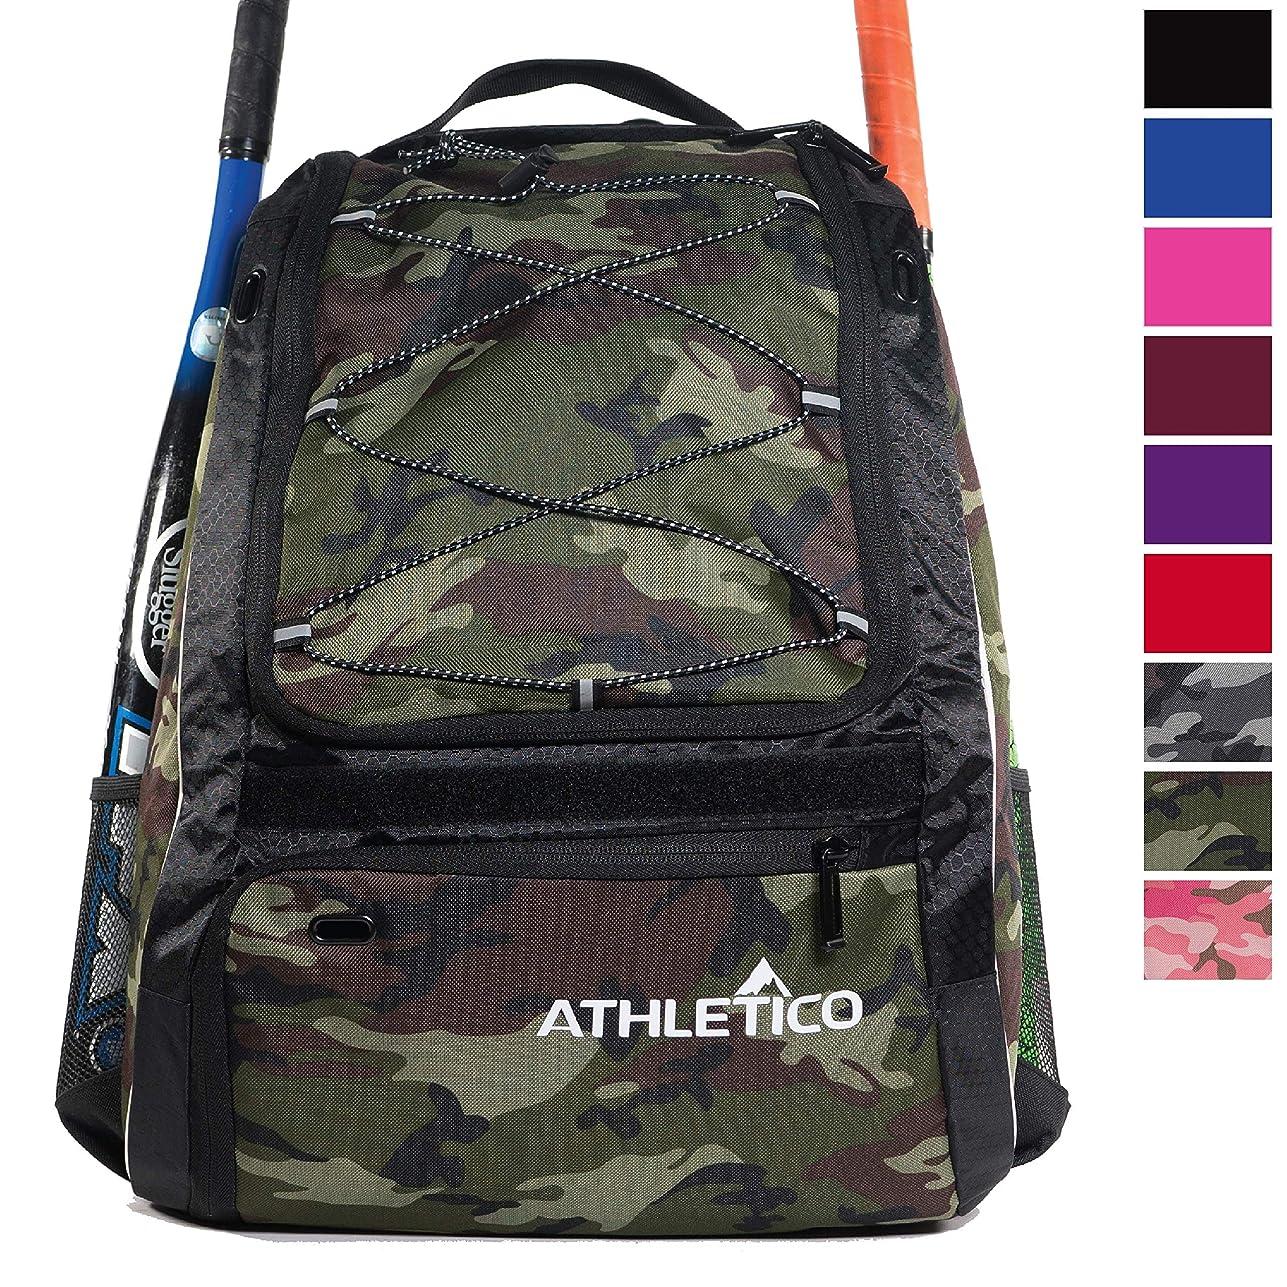 消化バックアップ責任者Athletico ベースボールバットバッグ - 野球、Tボール、ソフトボール用品&ギア用バックパック 子供&大人用 | バット、ヘルメット、グローブ、シューズを収納 | 仕切りわけシューズ入れ&フェンスフック